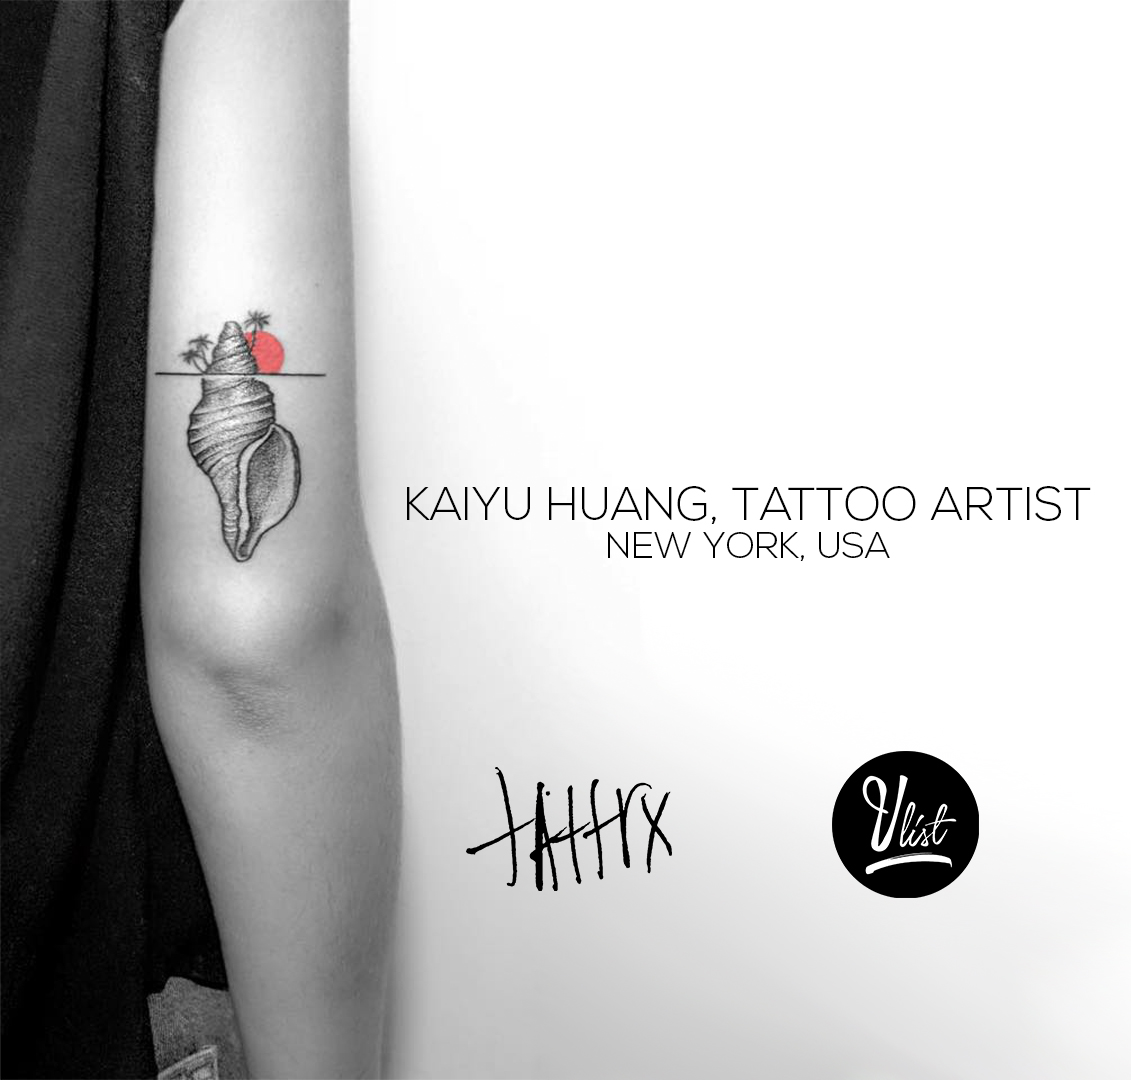 Kaiyu-Huang-tattoo-artist-VList-19